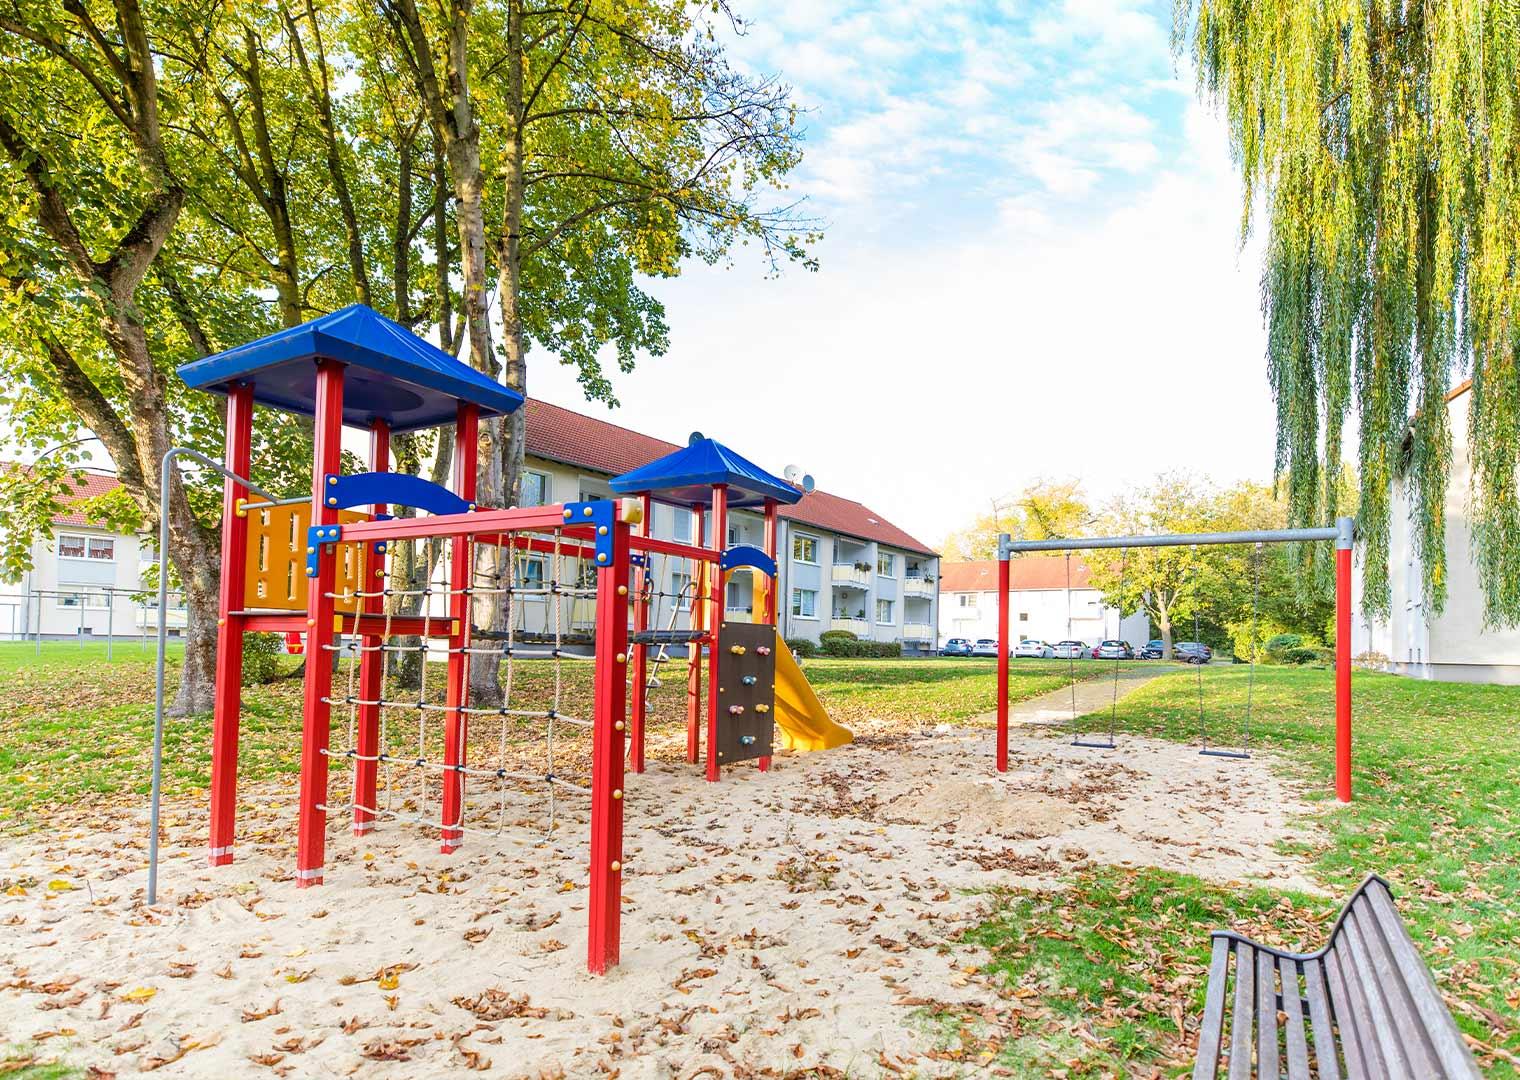 Link zur Bilddatei: Kirchhelle_Referenzen_Spielplatz_Galeriebilder_03